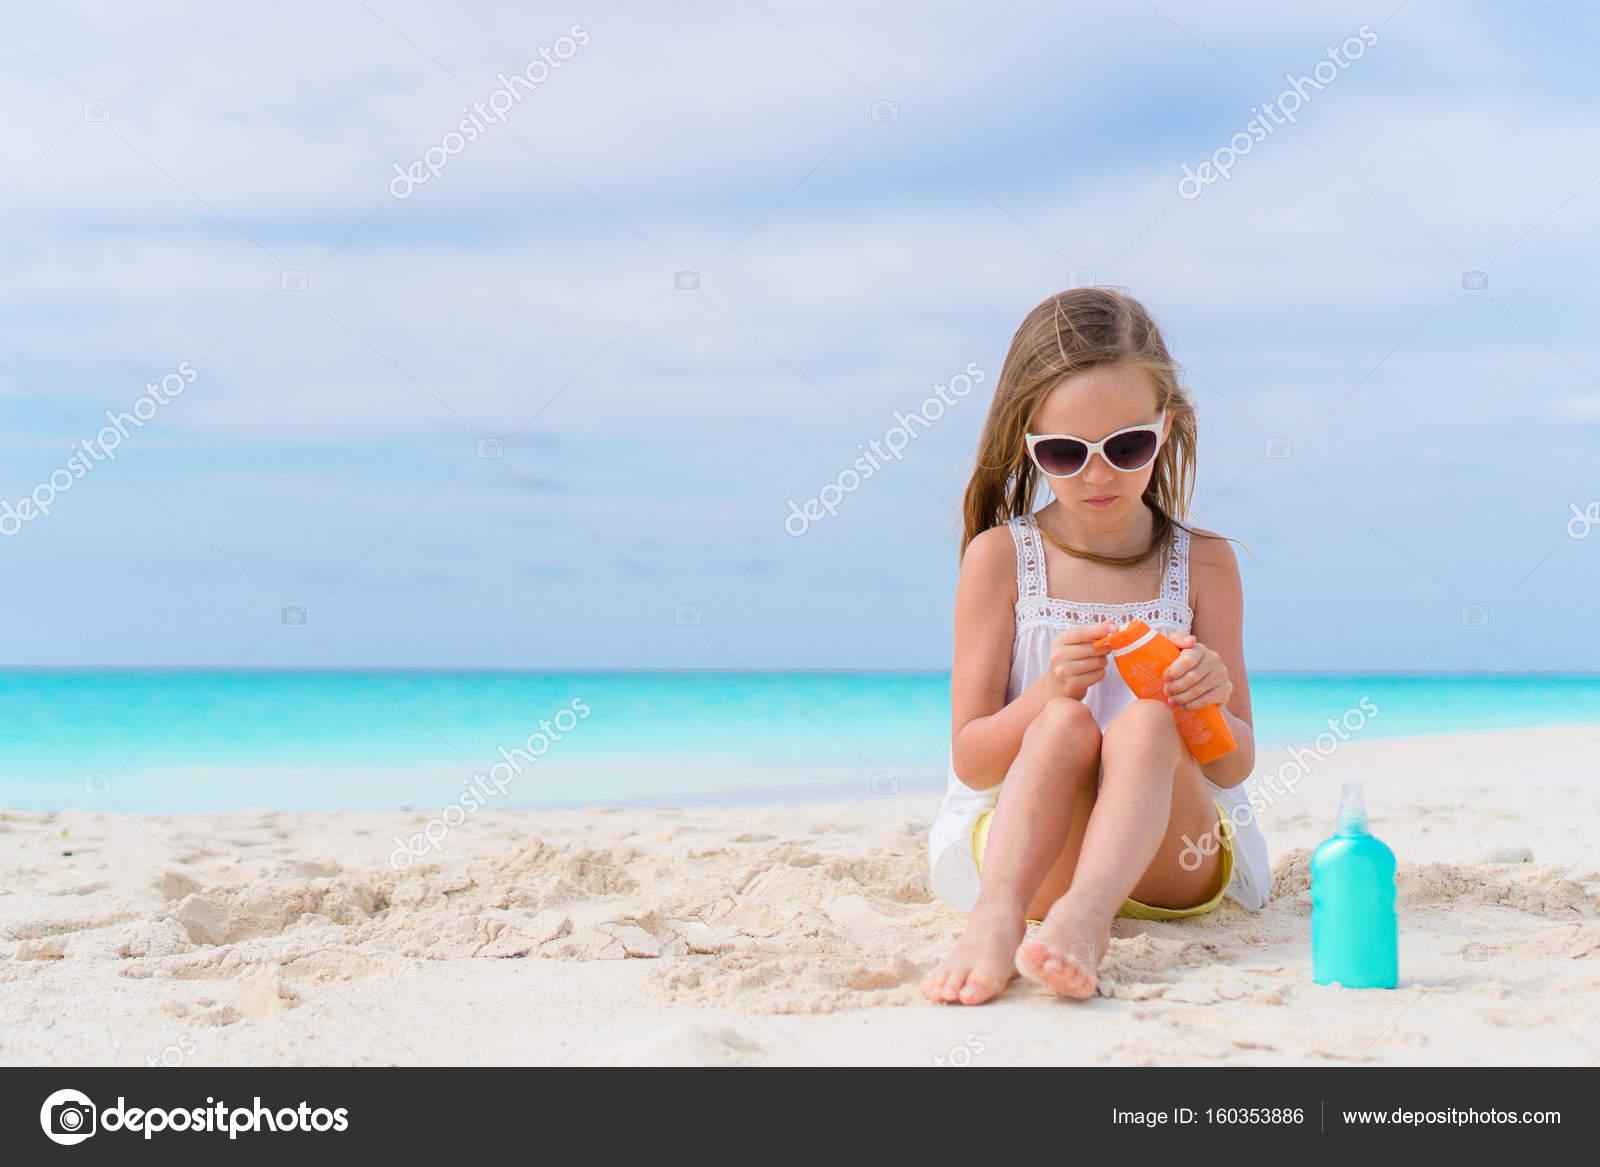 Petite fille adorable, appliquer la crème pendant les vacances de plage  solaire — Image de d.travnikov ef4192874dc